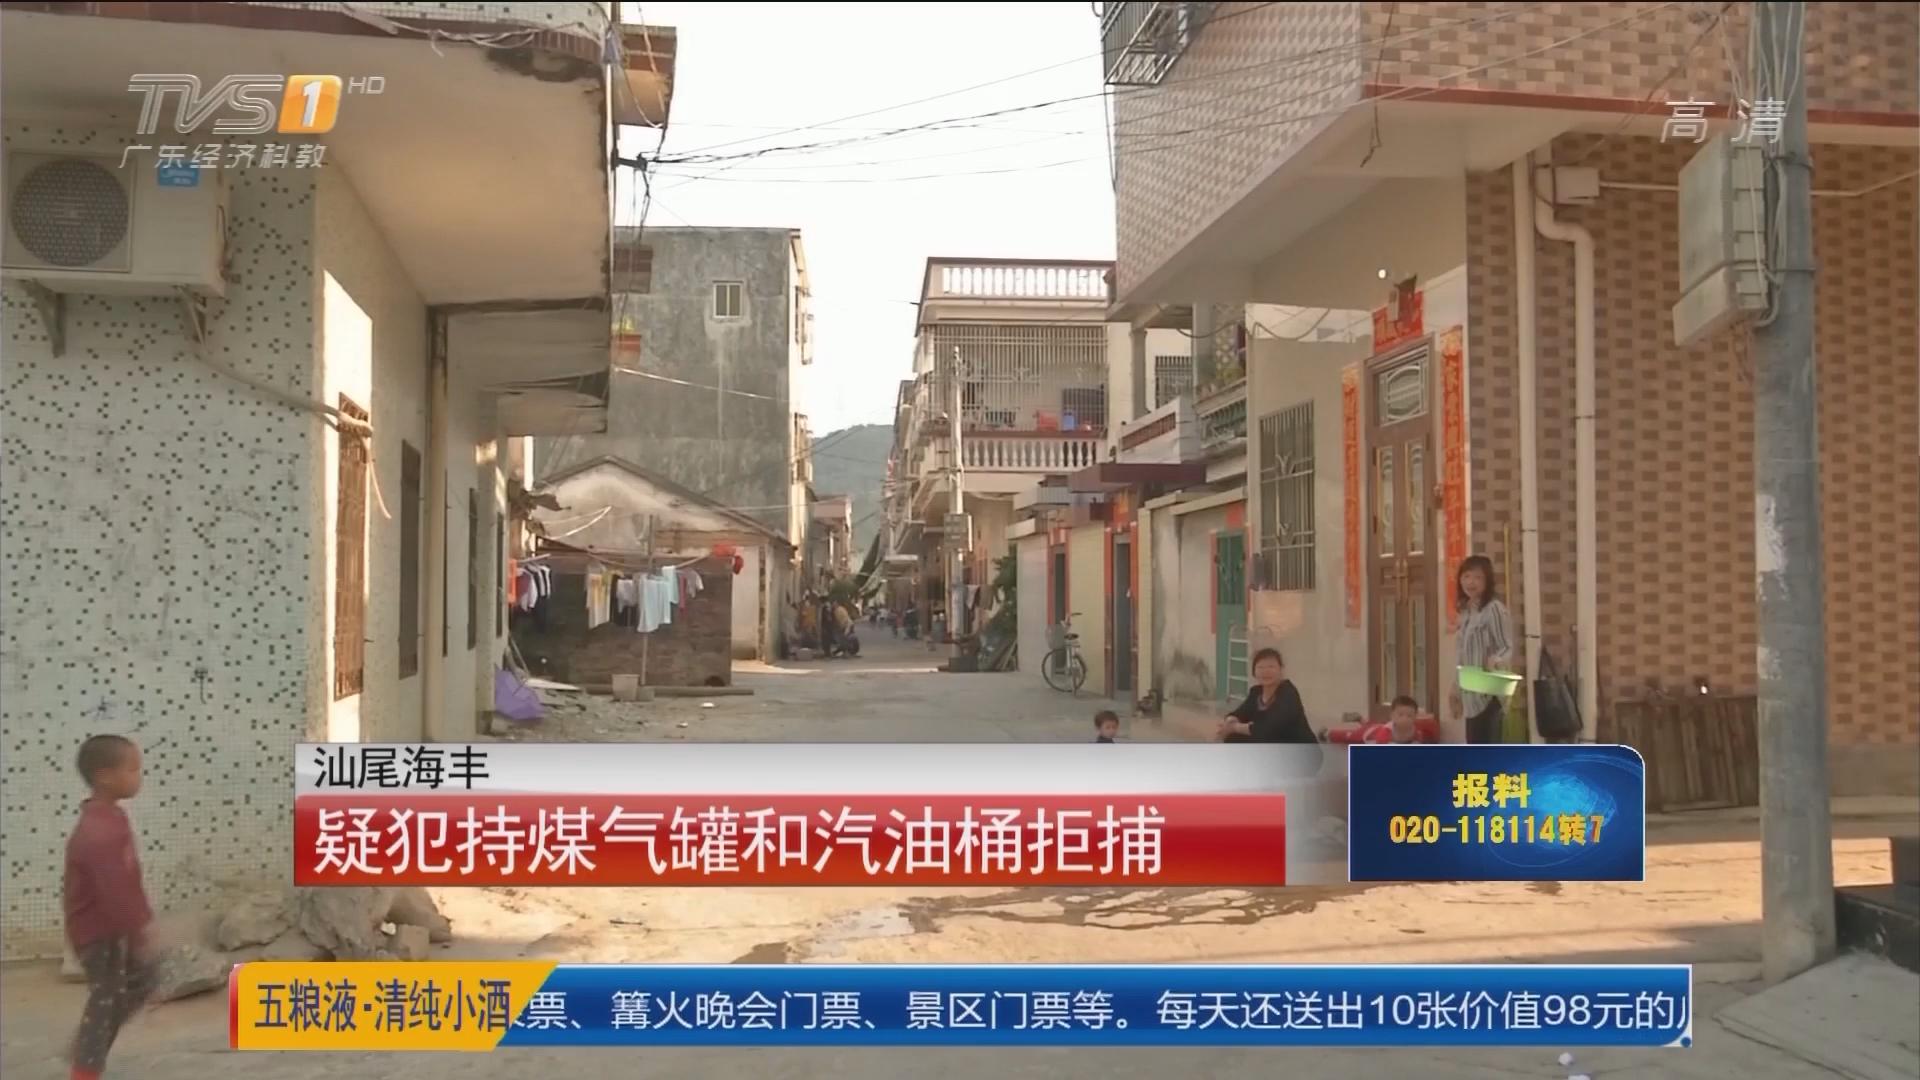 汕尾海丰:民警持枪果断处置涉毒疑犯